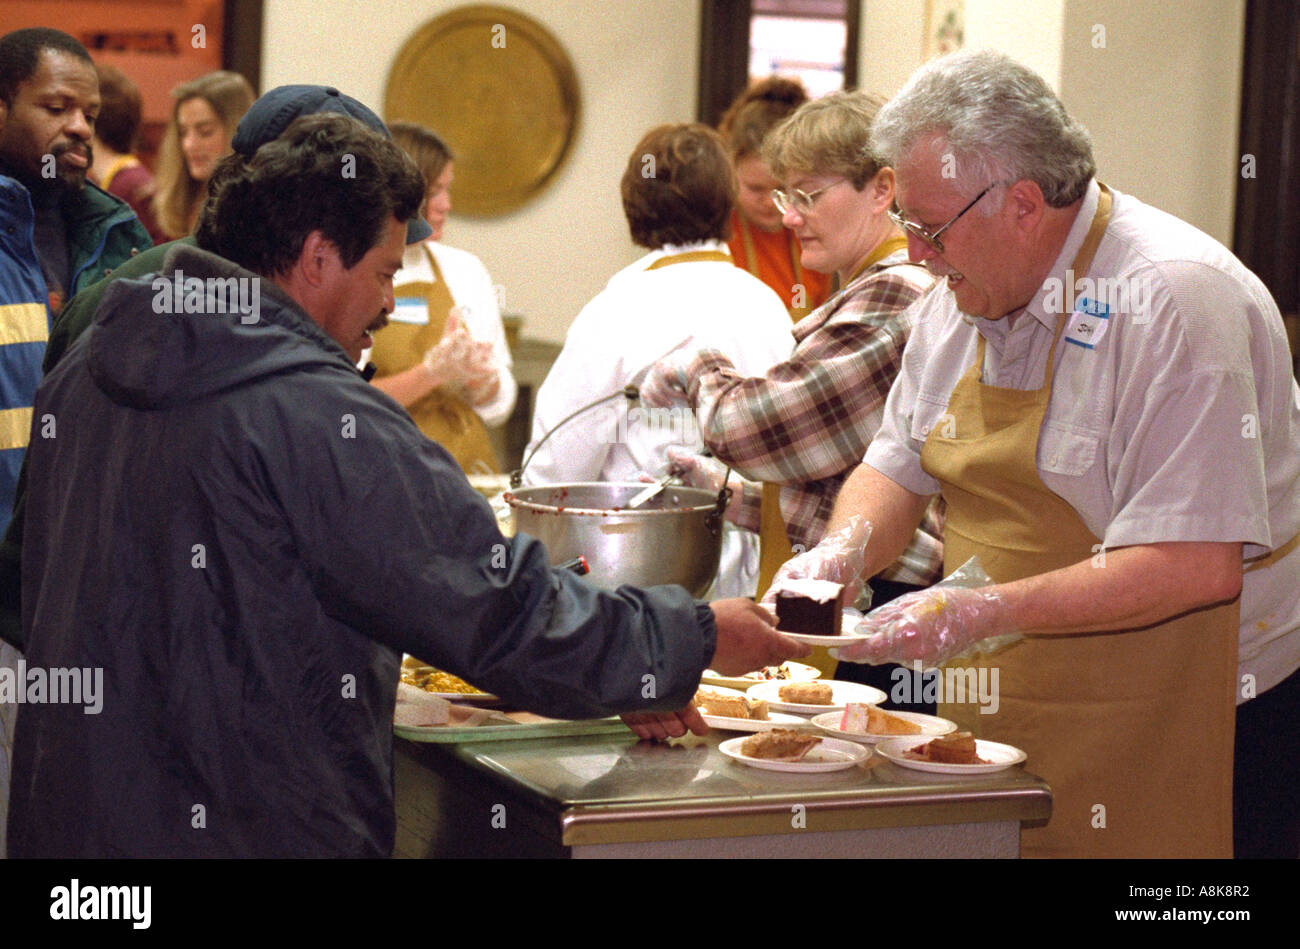 good Volunteer Soup Kitchen Thanksgiving #6: Stock Photo - Volunteers serving Exchange Charities Thanksgiving soup kitchen dinner. Minneapolis Minnesota USA